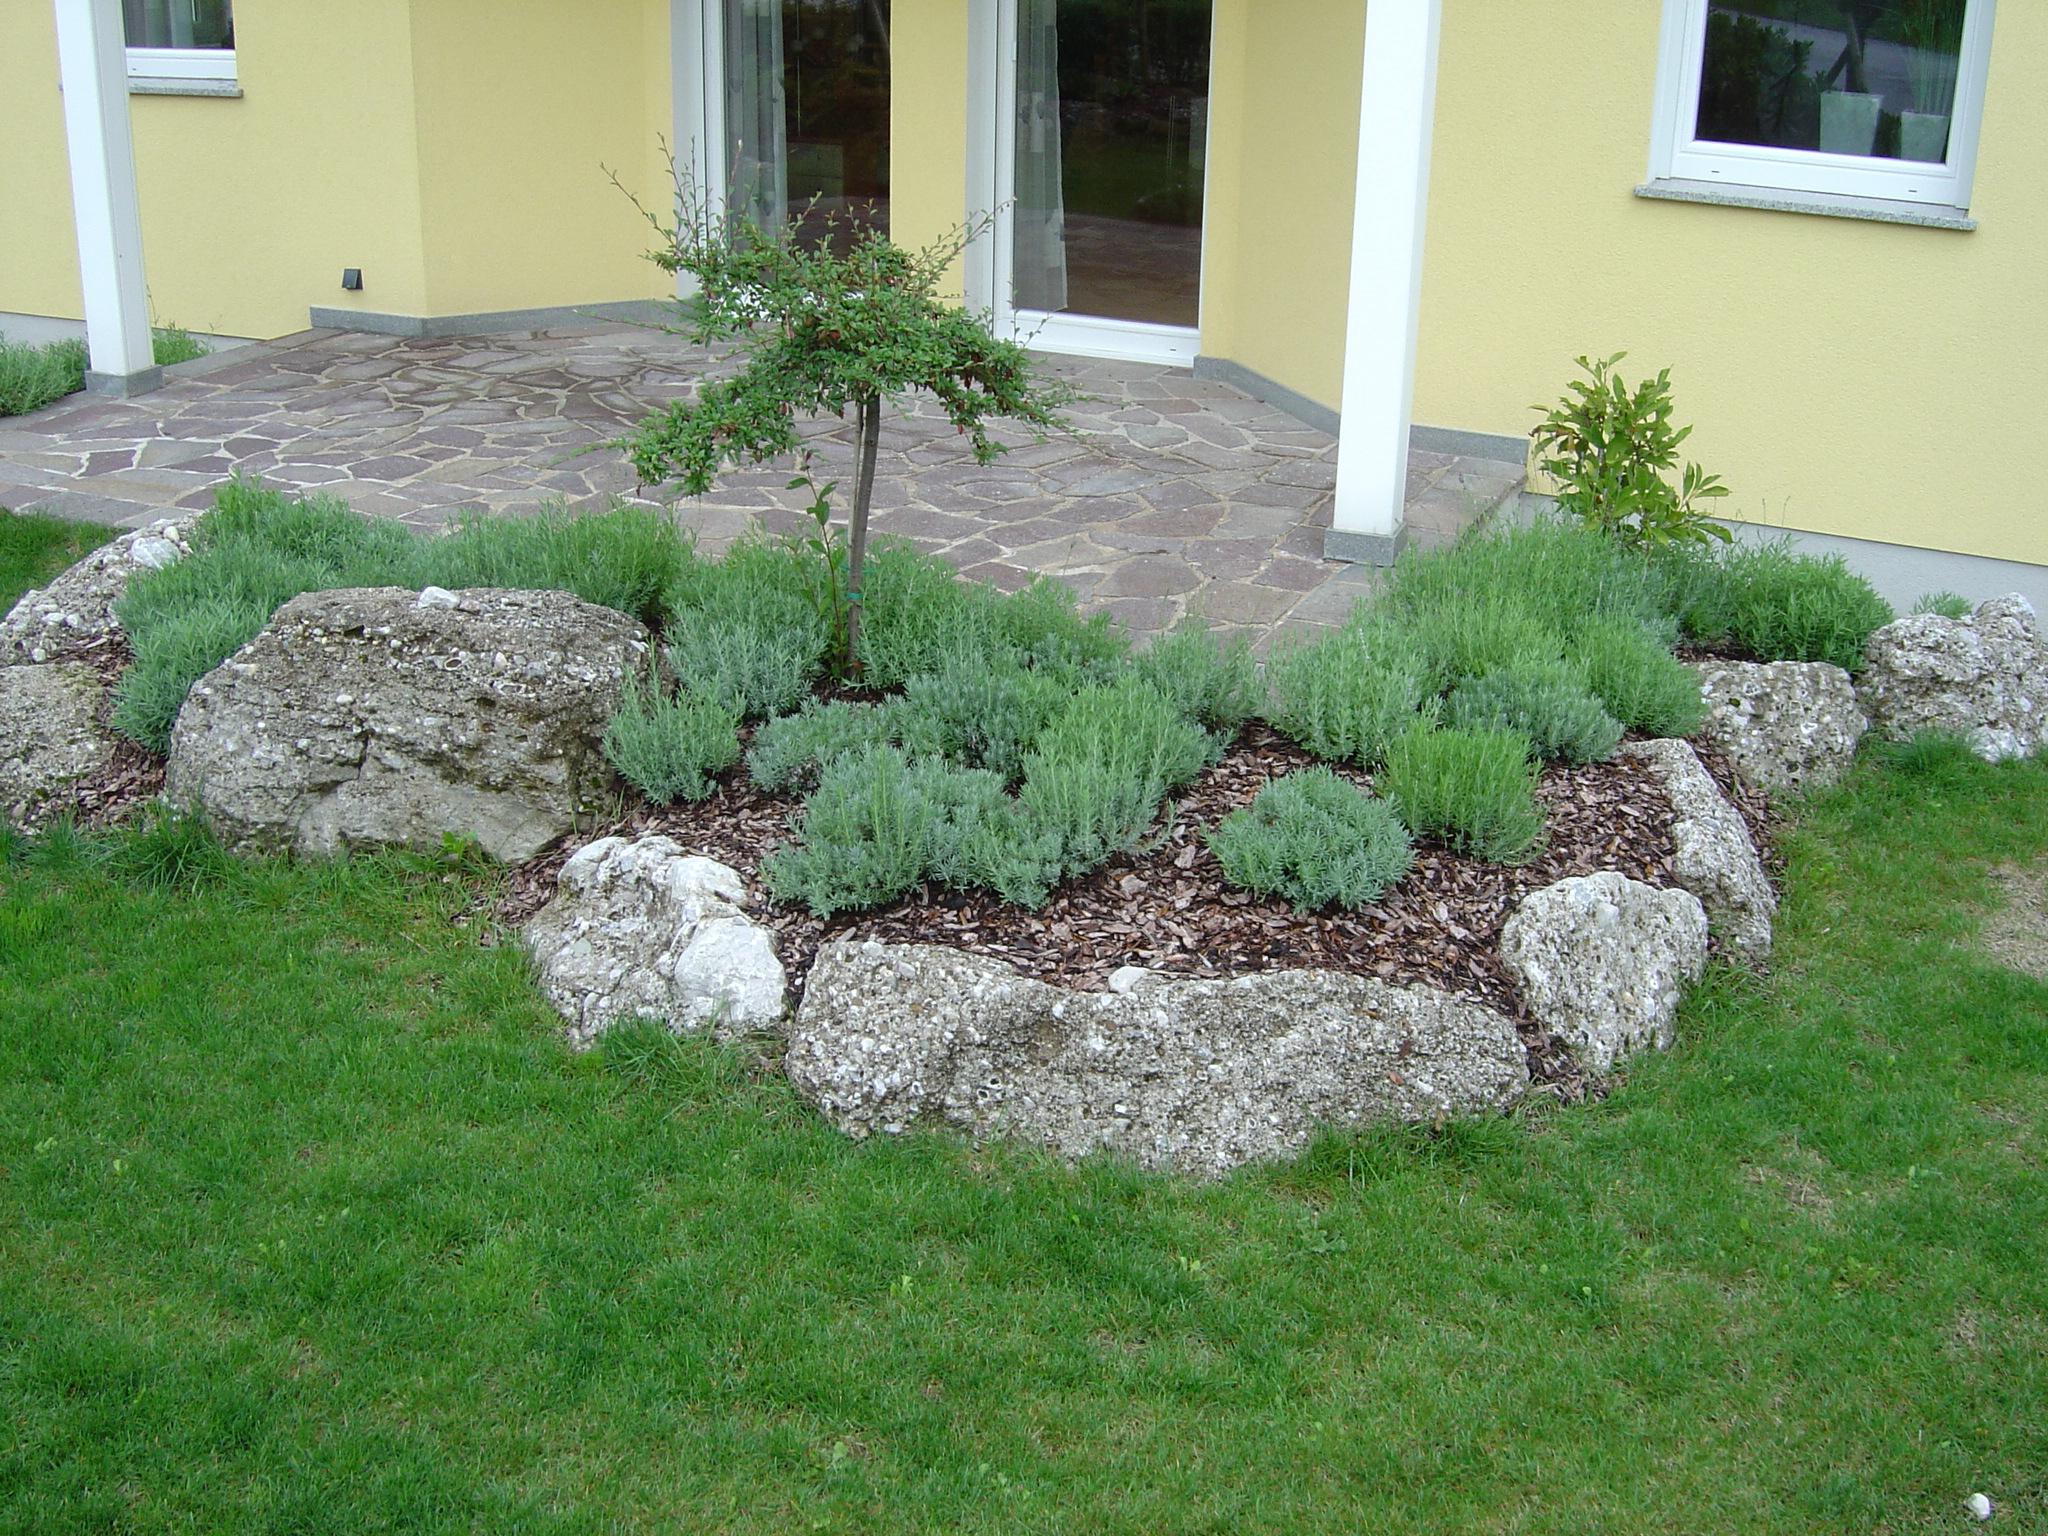 gartengestaltung mit naturstein gartengestaltung naturstein in allen varianten naturstein. Black Bedroom Furniture Sets. Home Design Ideas